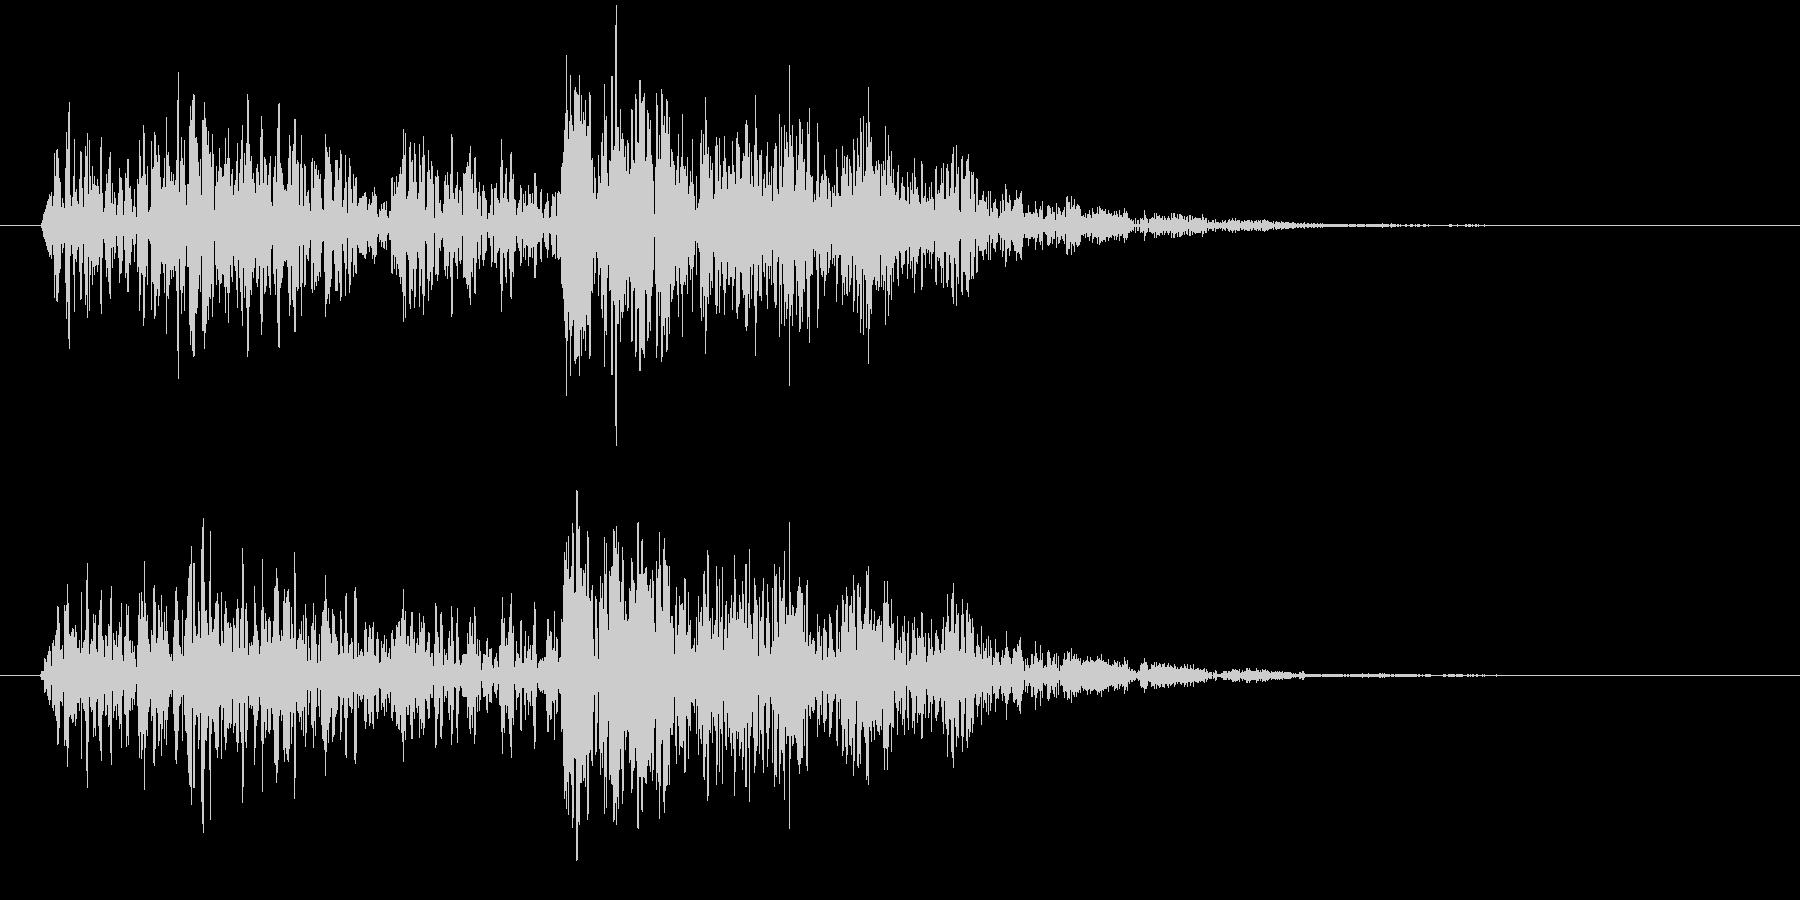 ーグムワァー(不思議な機械音)の未再生の波形